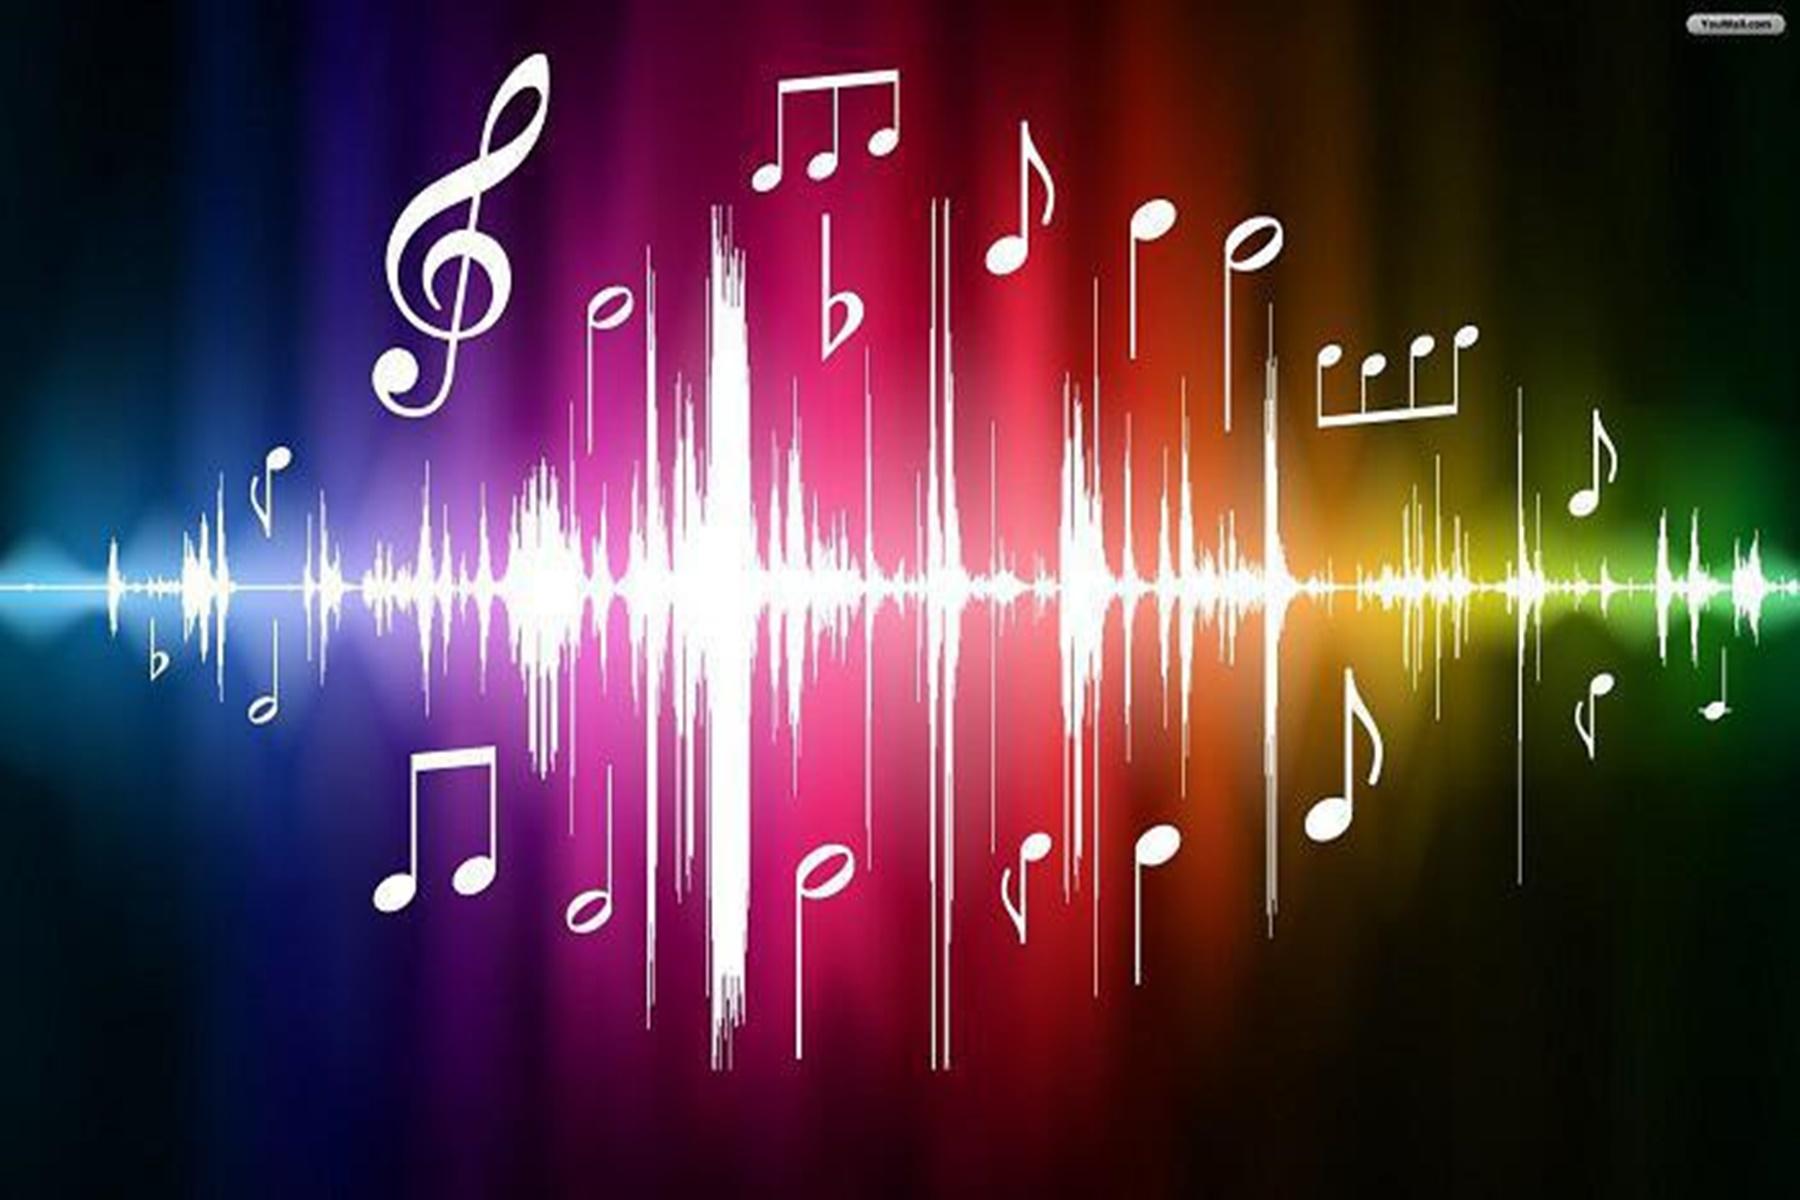 Ισοχρονικοί ήχοι : Διασκεδάστε τα εγκεφαλικά σας κύματα